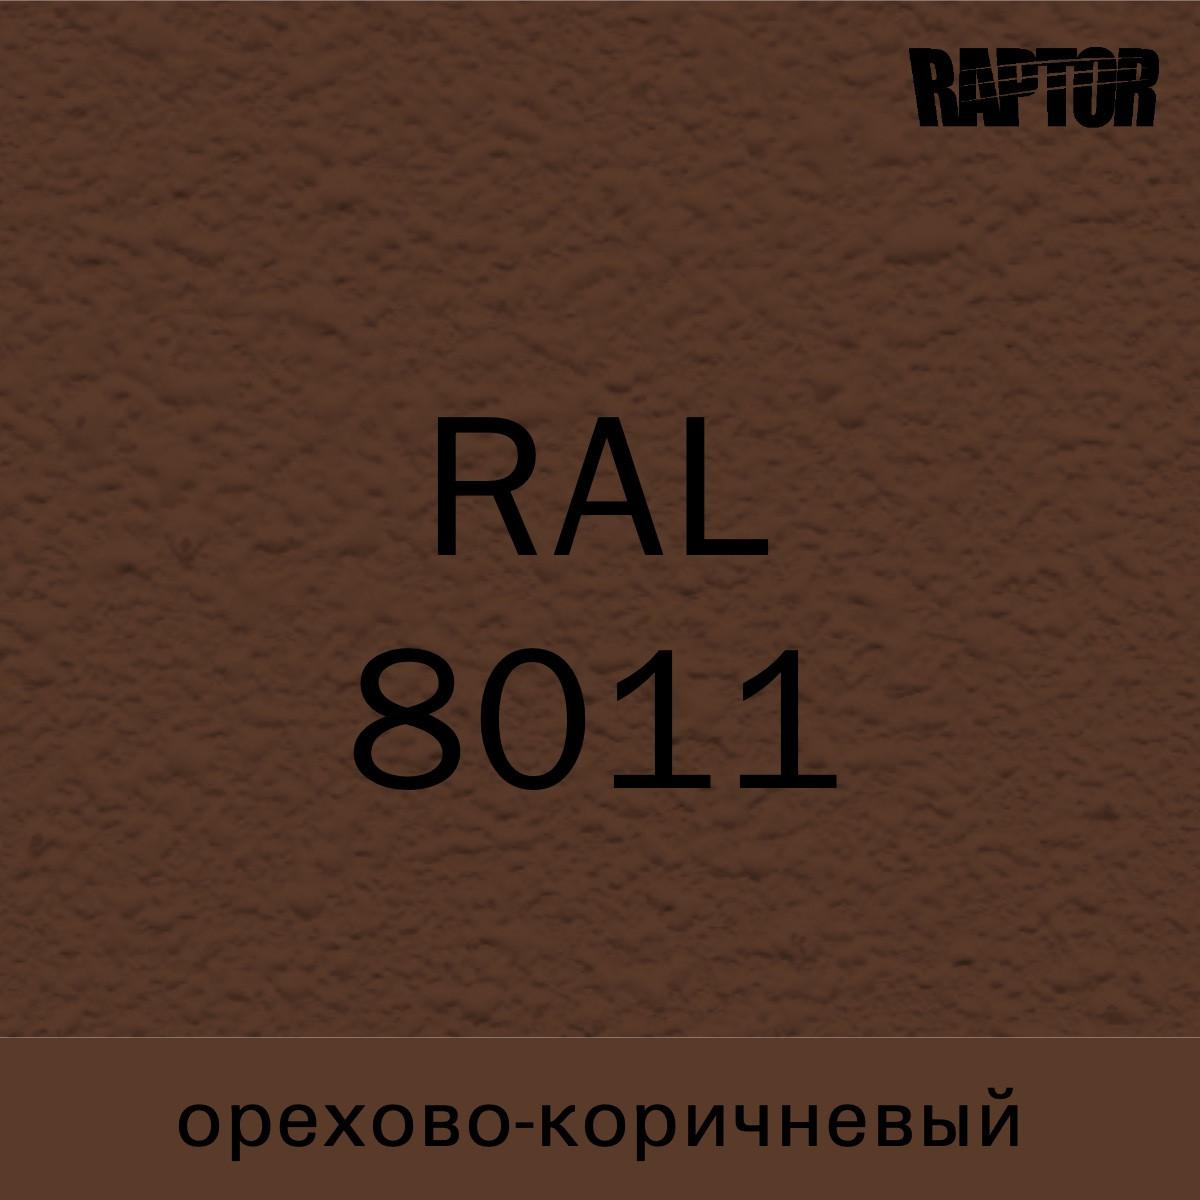 Пигмент для колеровки покрытия RAPTOR™ Орехово-коричневый (RAL 8011)